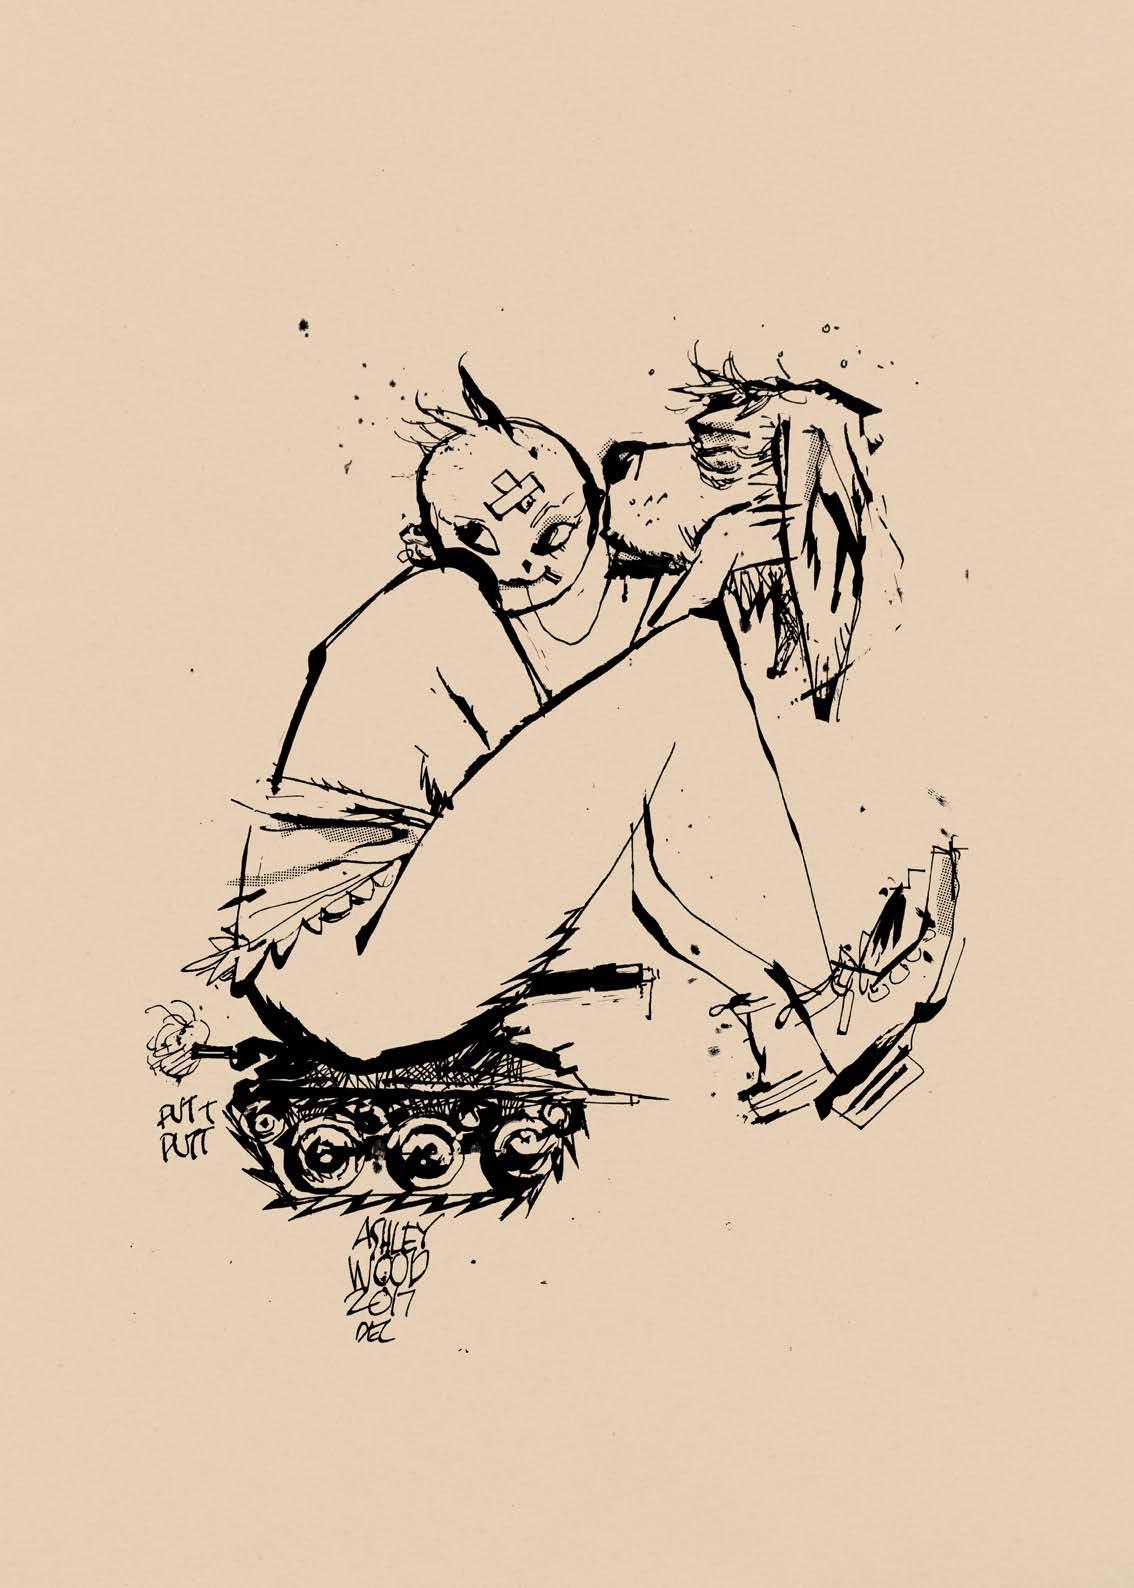 Image de l'artbook Ashley Wood - AWD XL BLACK. Une femme punk et son chien.